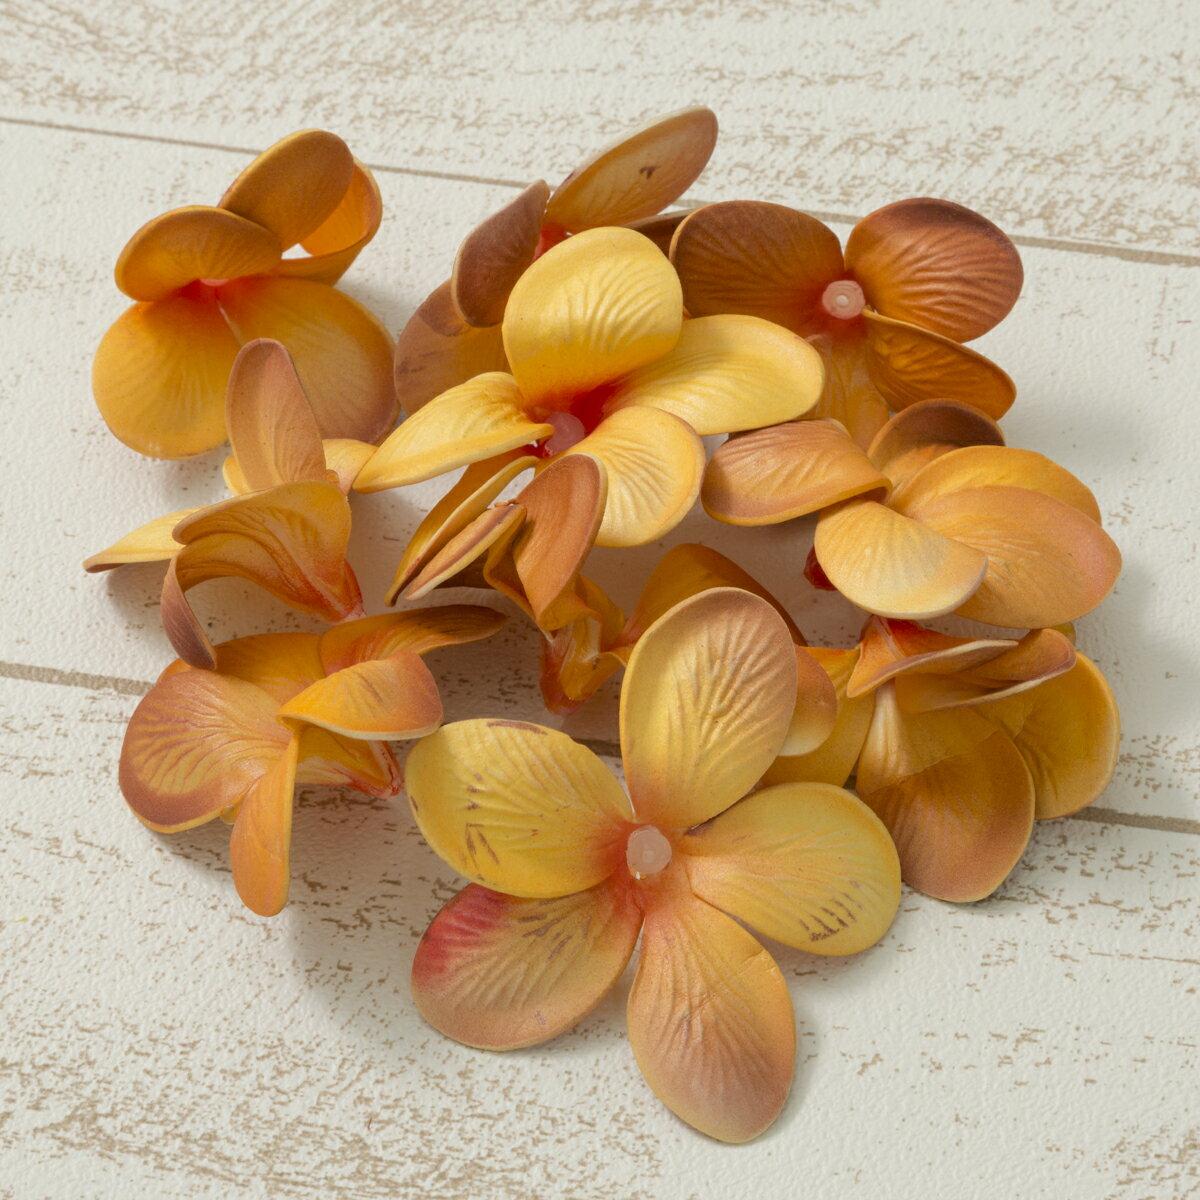 大特価◎【造花】YDM/プルメリア オレンジ 10個/FLP1140-OR【01】【01】【取寄】《 造花(アーティフィシャルフラワー) 造花 花材「は行」 プルメリア 》